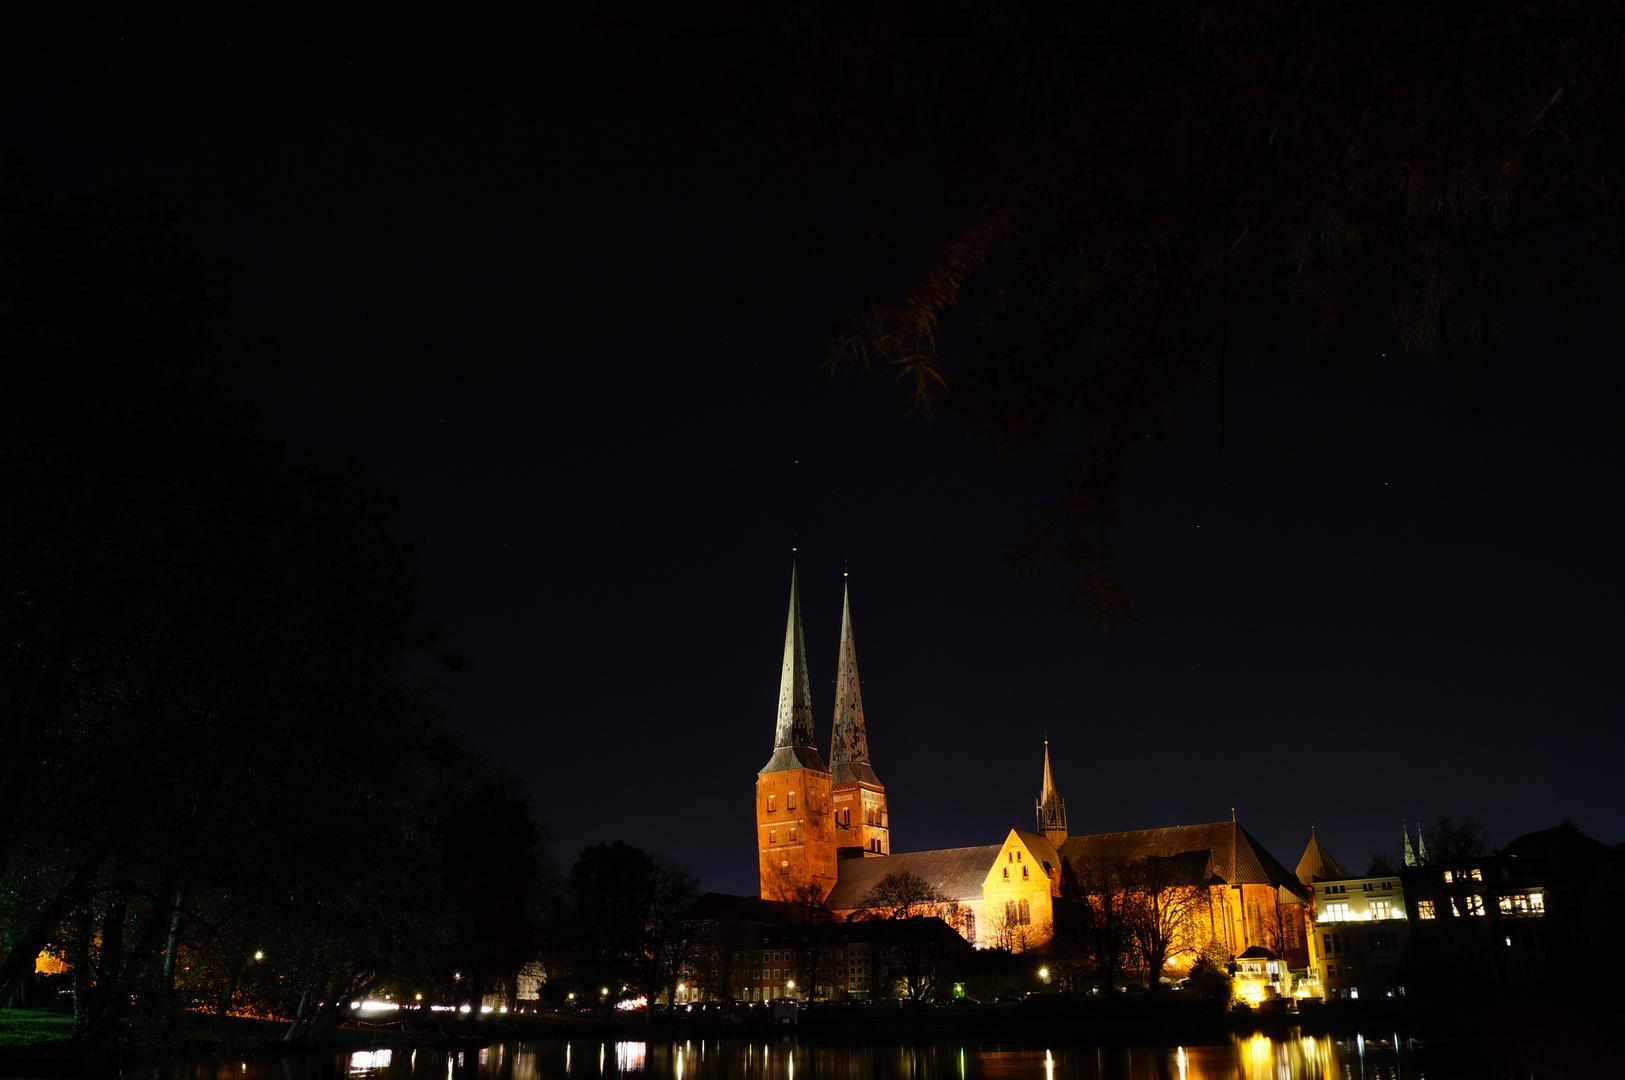 Mein Lübecker Dom